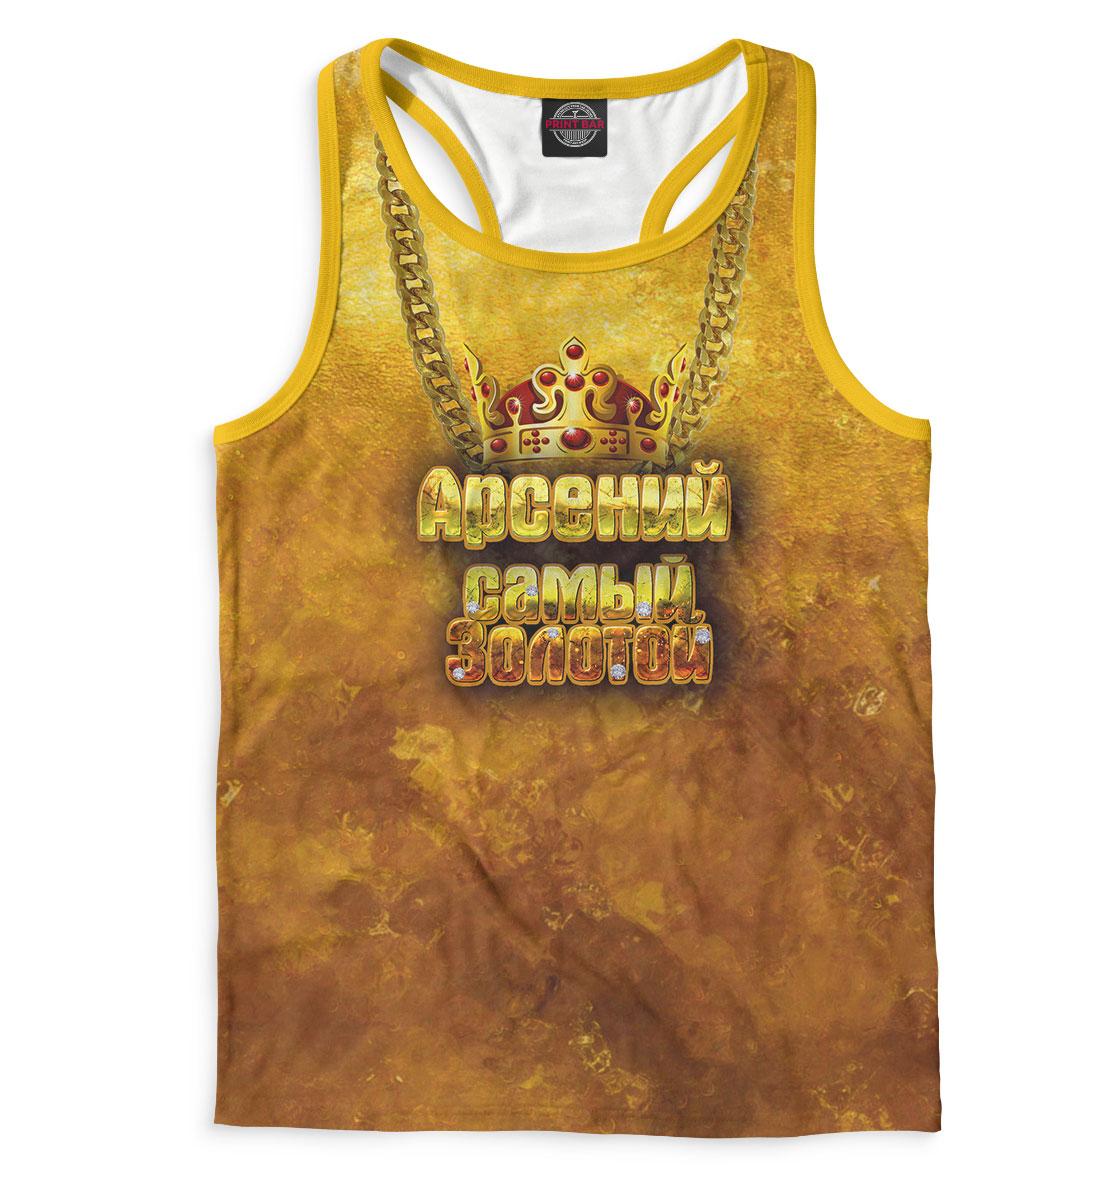 Купить Арсений — самый золотой, Printbar, Майки борцовки, ASN-285637-mayb-2